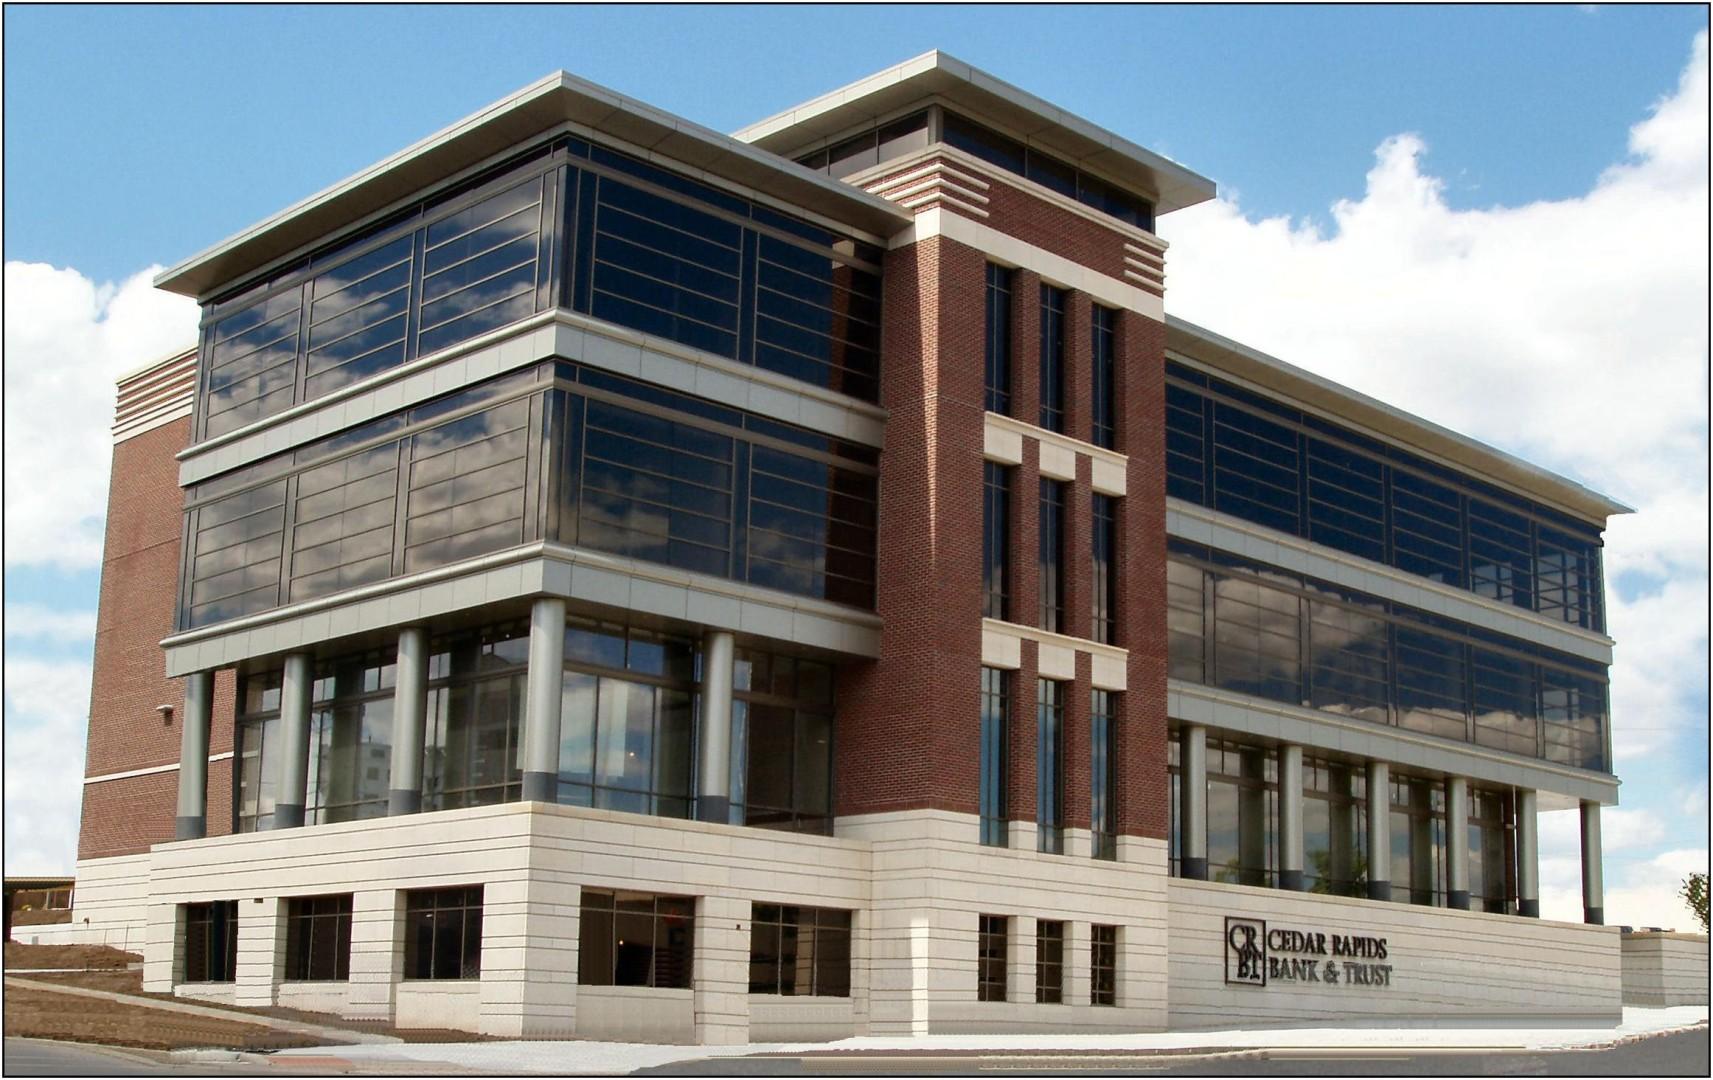 Cedar Rapids Bank and Trust (Cedar Rapids)